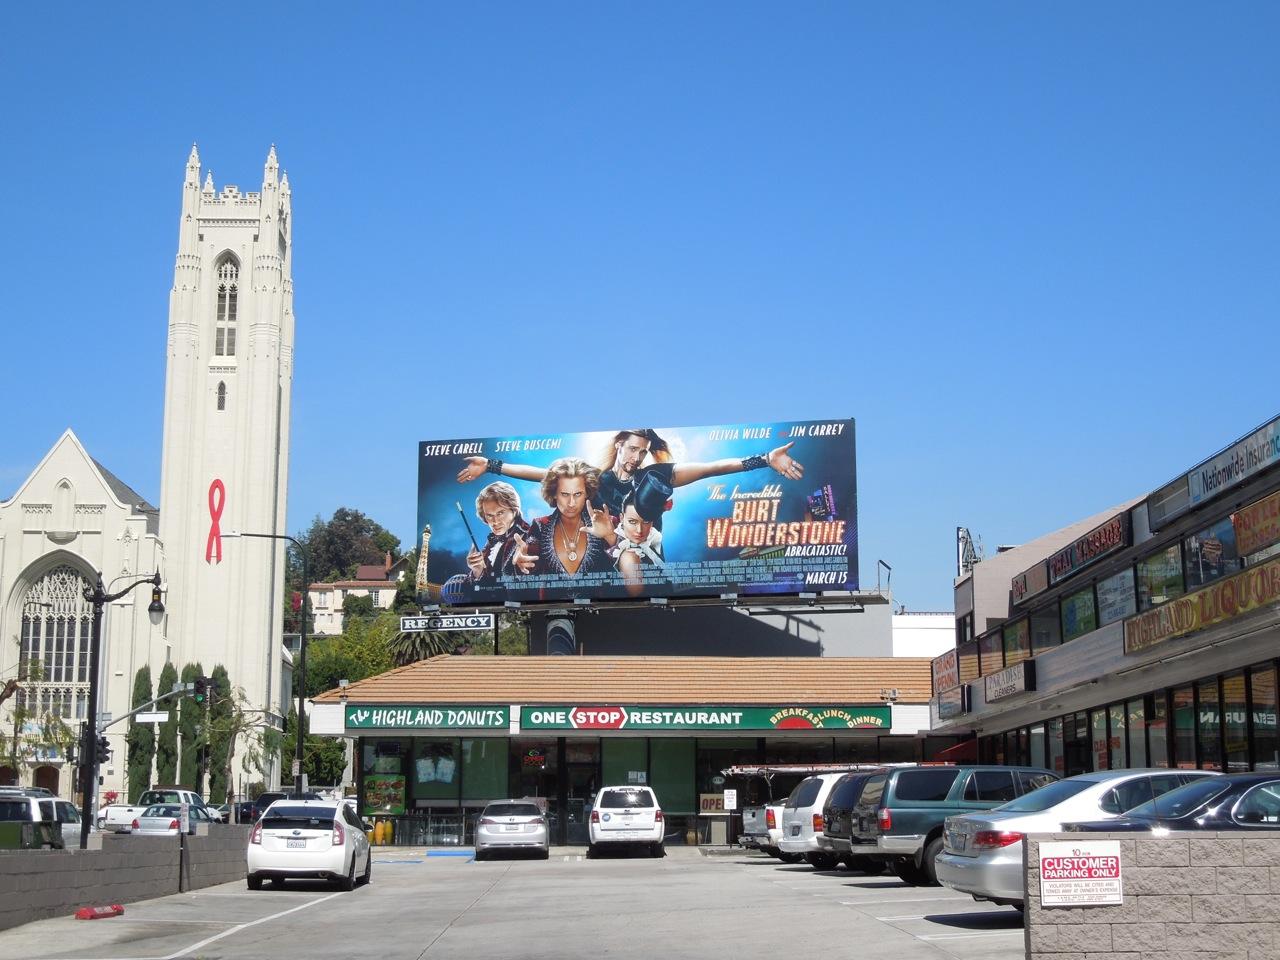 http://1.bp.blogspot.com/-OM-kyD-5KbQ/UUNefF0WJGI/AAAAAAABC6U/dtSDCSfTLkM/s1600/burt+wonderstone+billboard.jpg